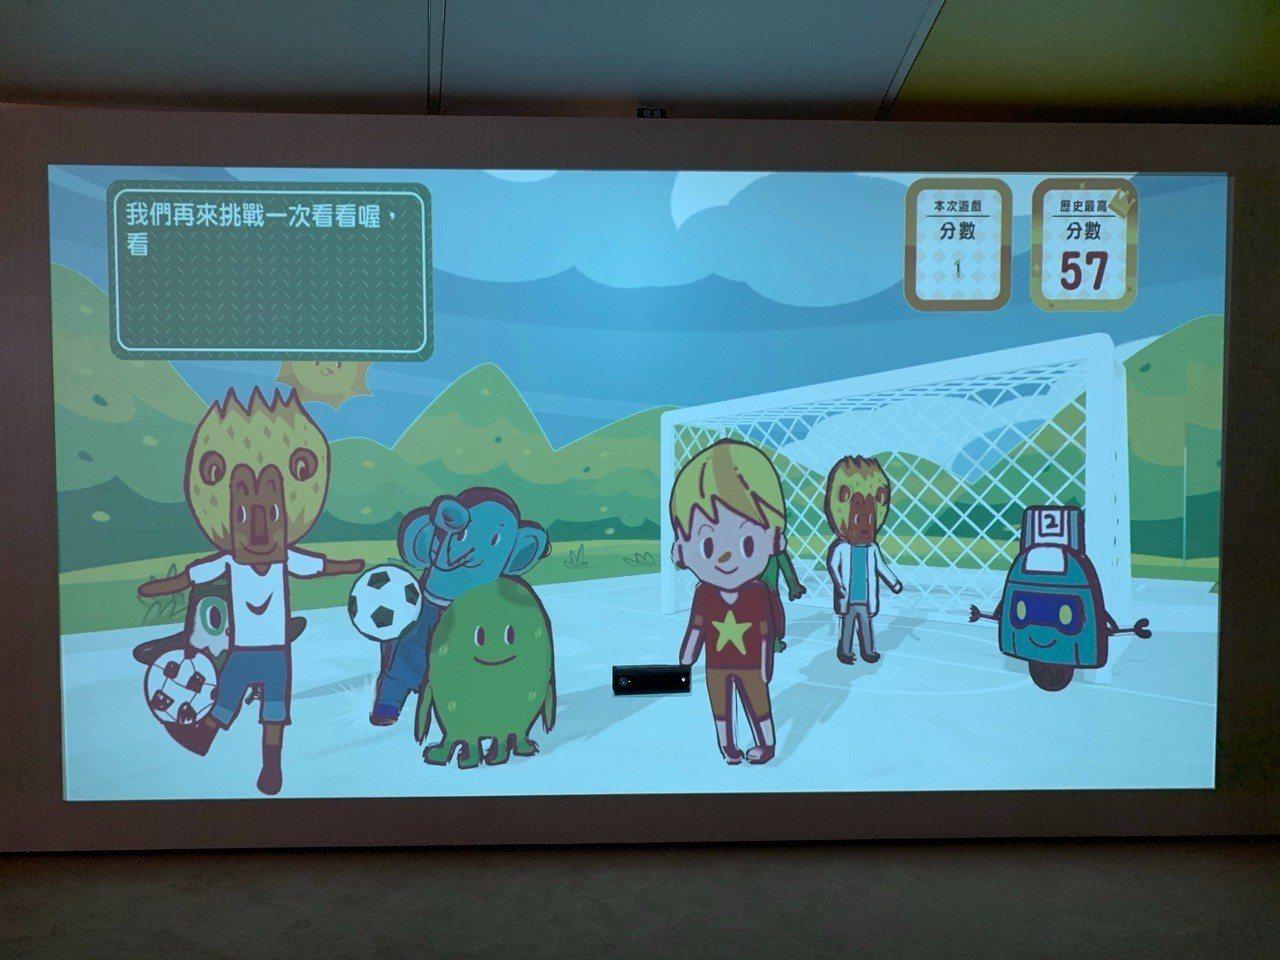 桃園市兒童美術館即日起至6月30日舉辦「不一樣的一天——多媒體互動展」,館方運用...